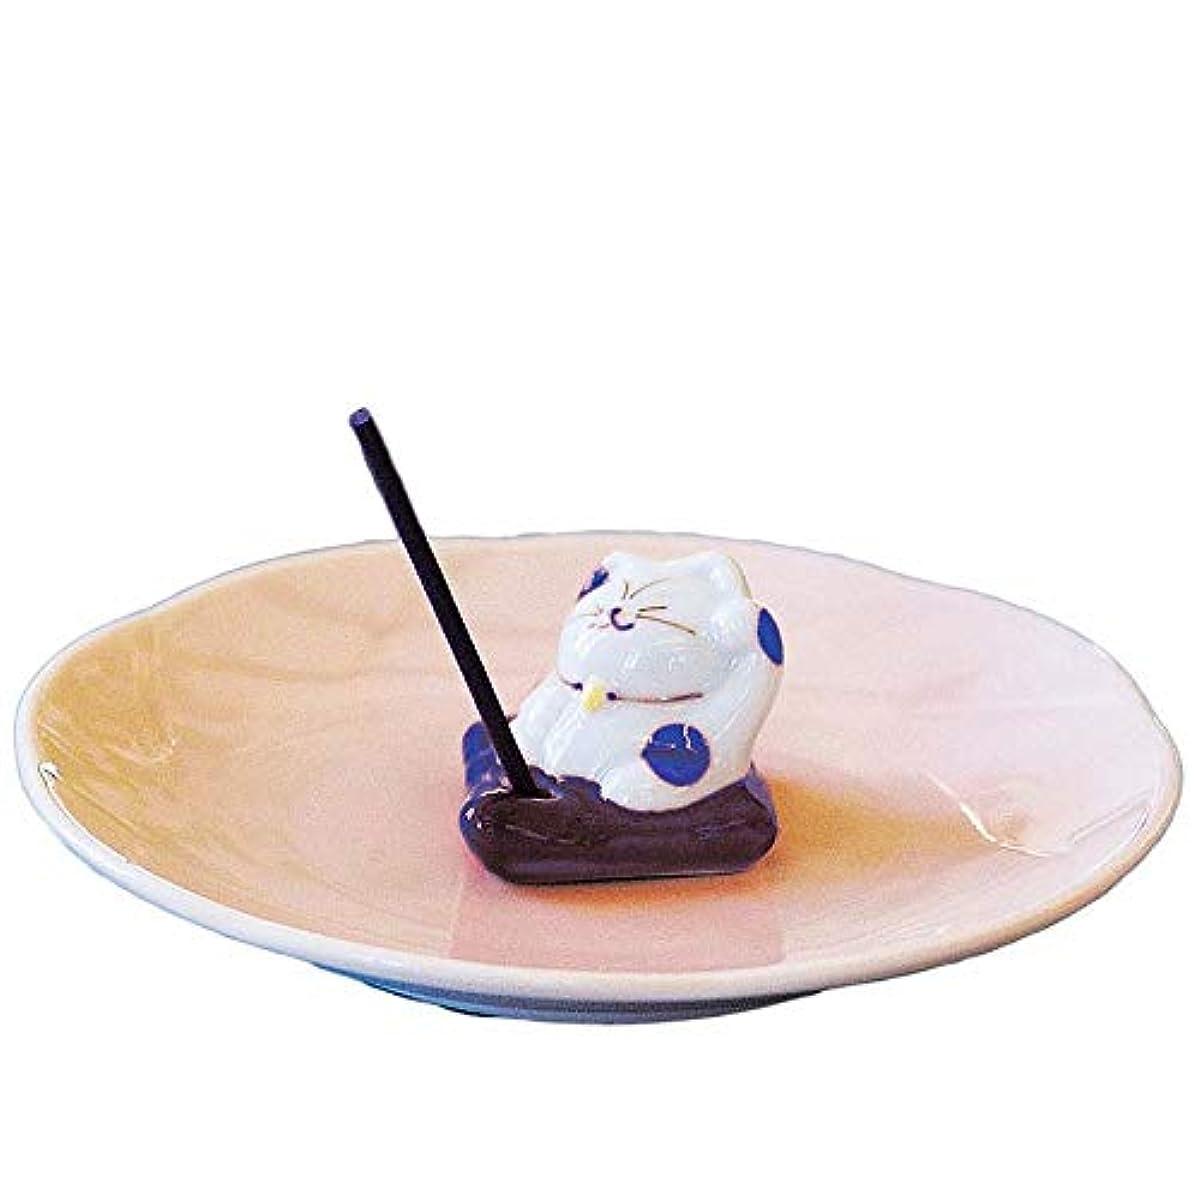 出来事型キャプチャー香皿 香立て/ザブトンネコ 香皿 ブルー/香り アロマ 癒やし リラックス インテリア プレゼント 贈り物